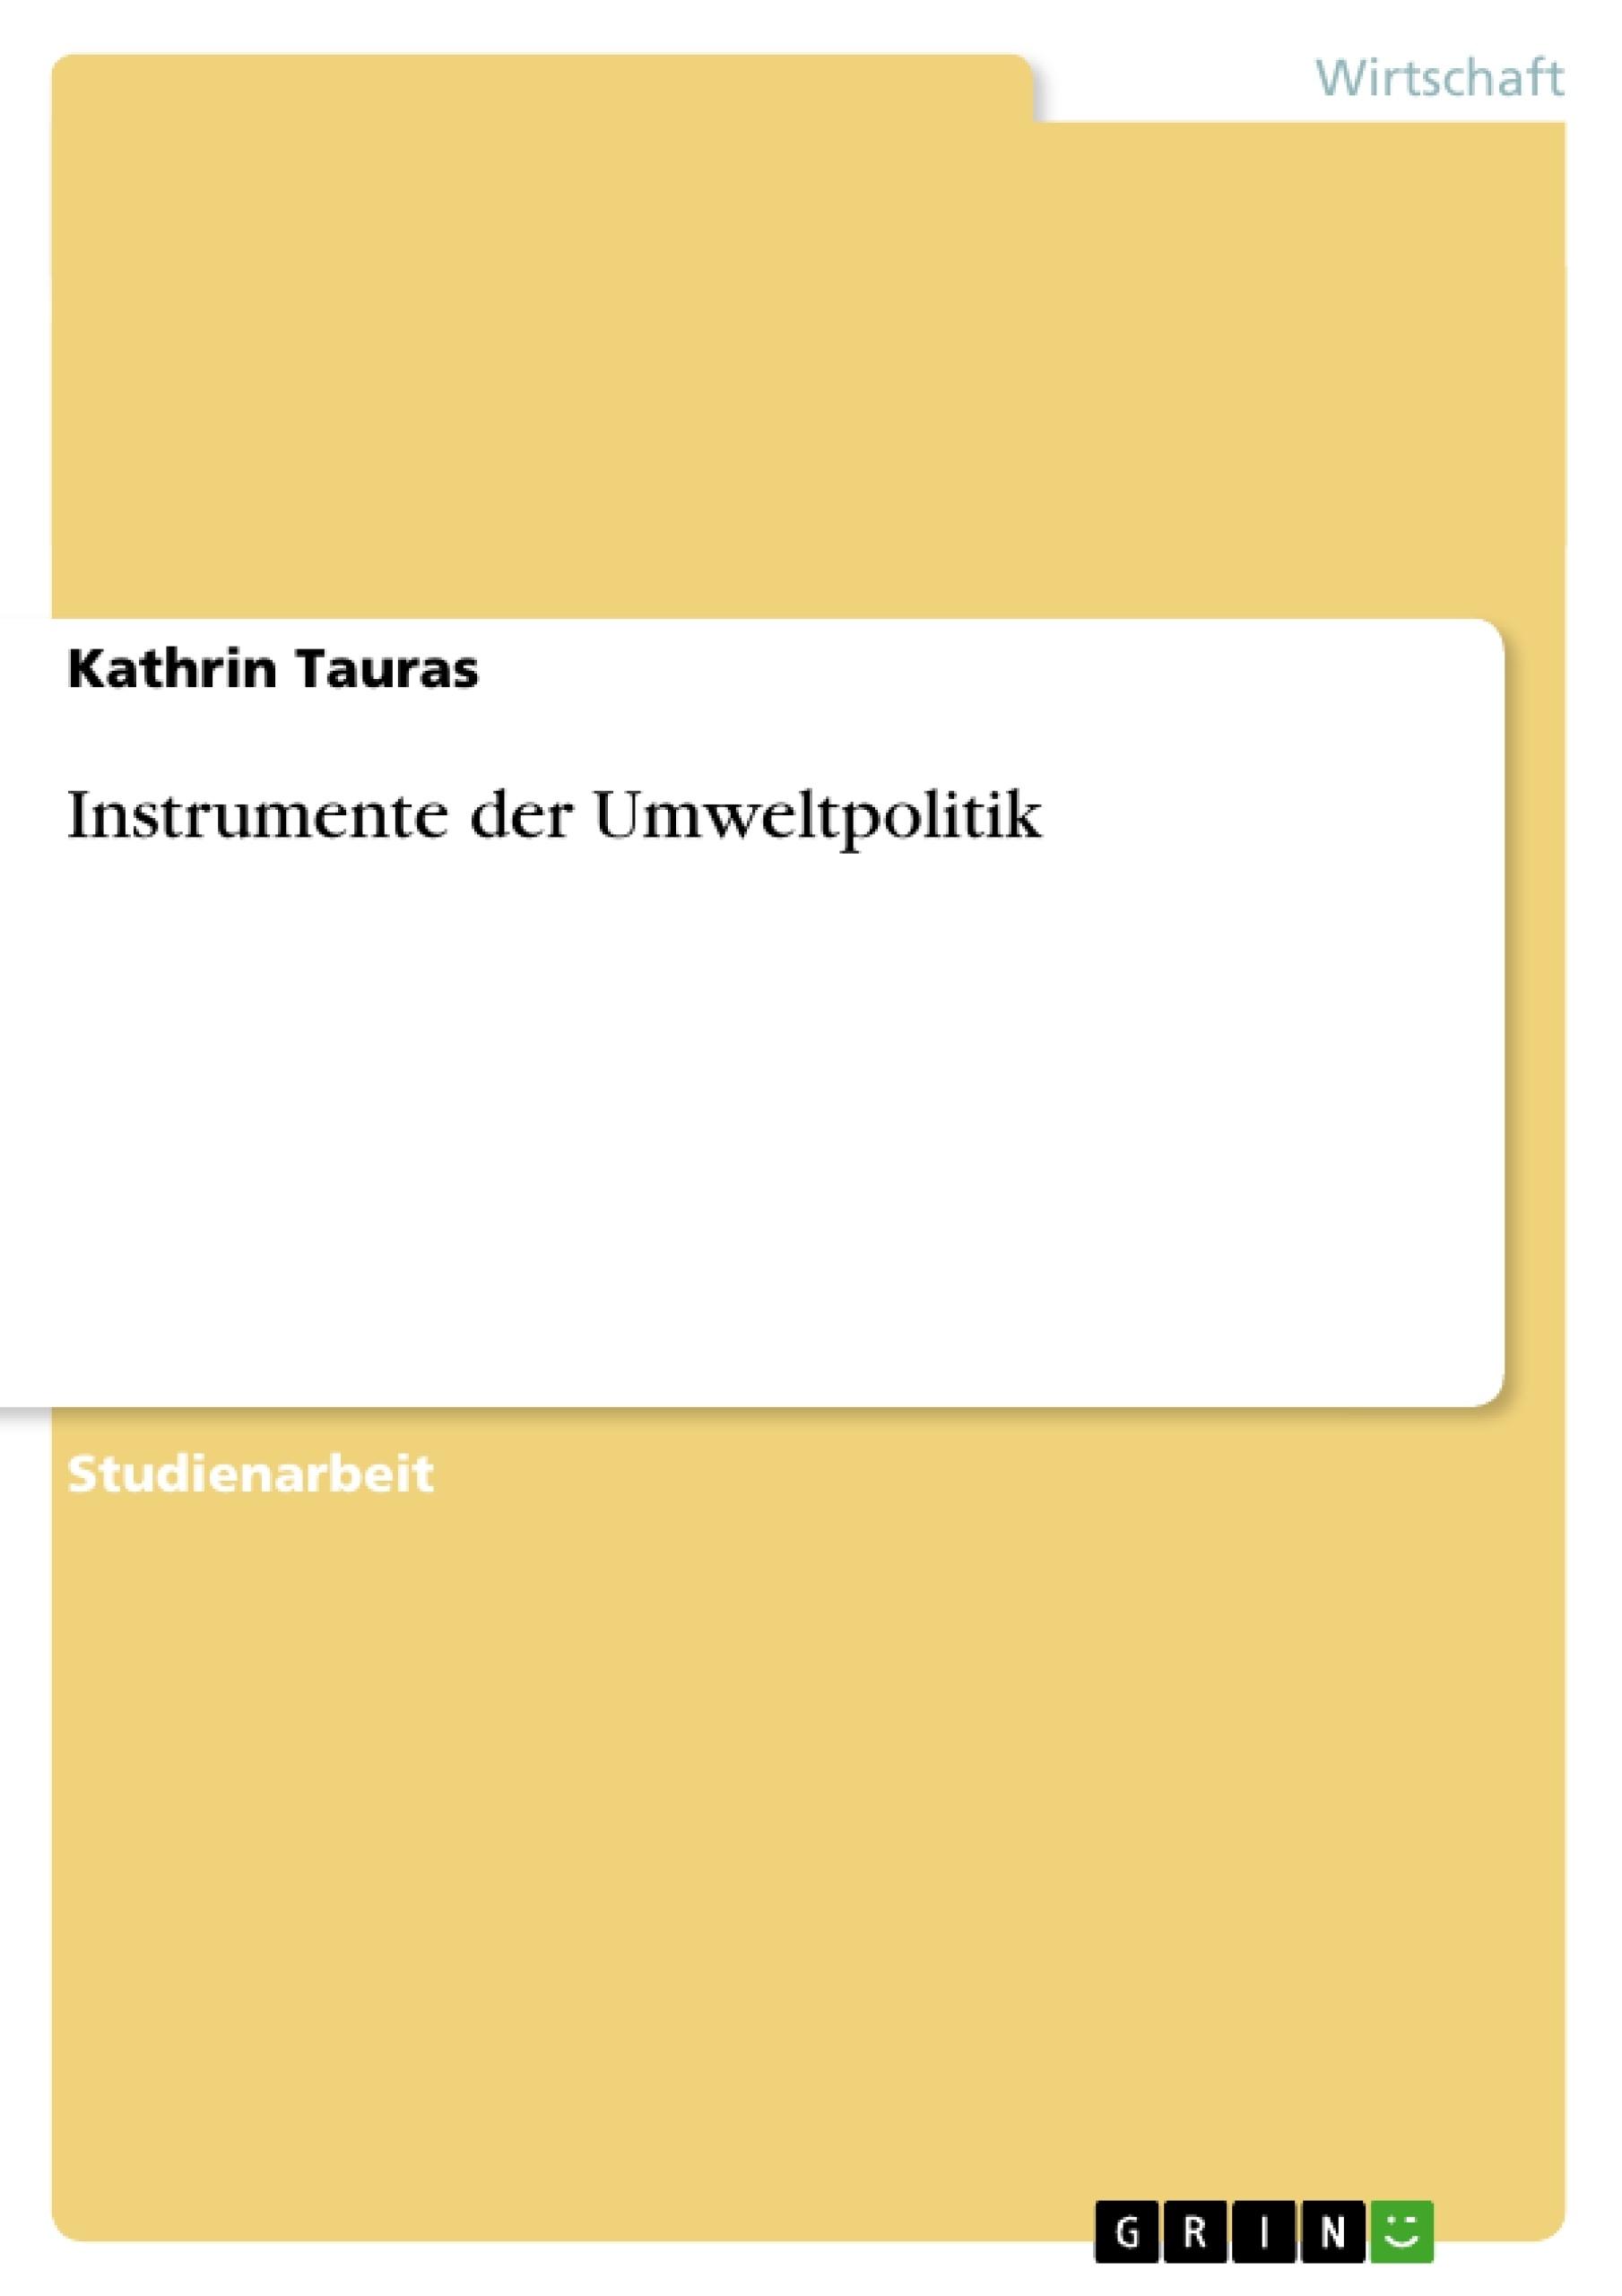 Titel: Instrumente der Umweltpolitik